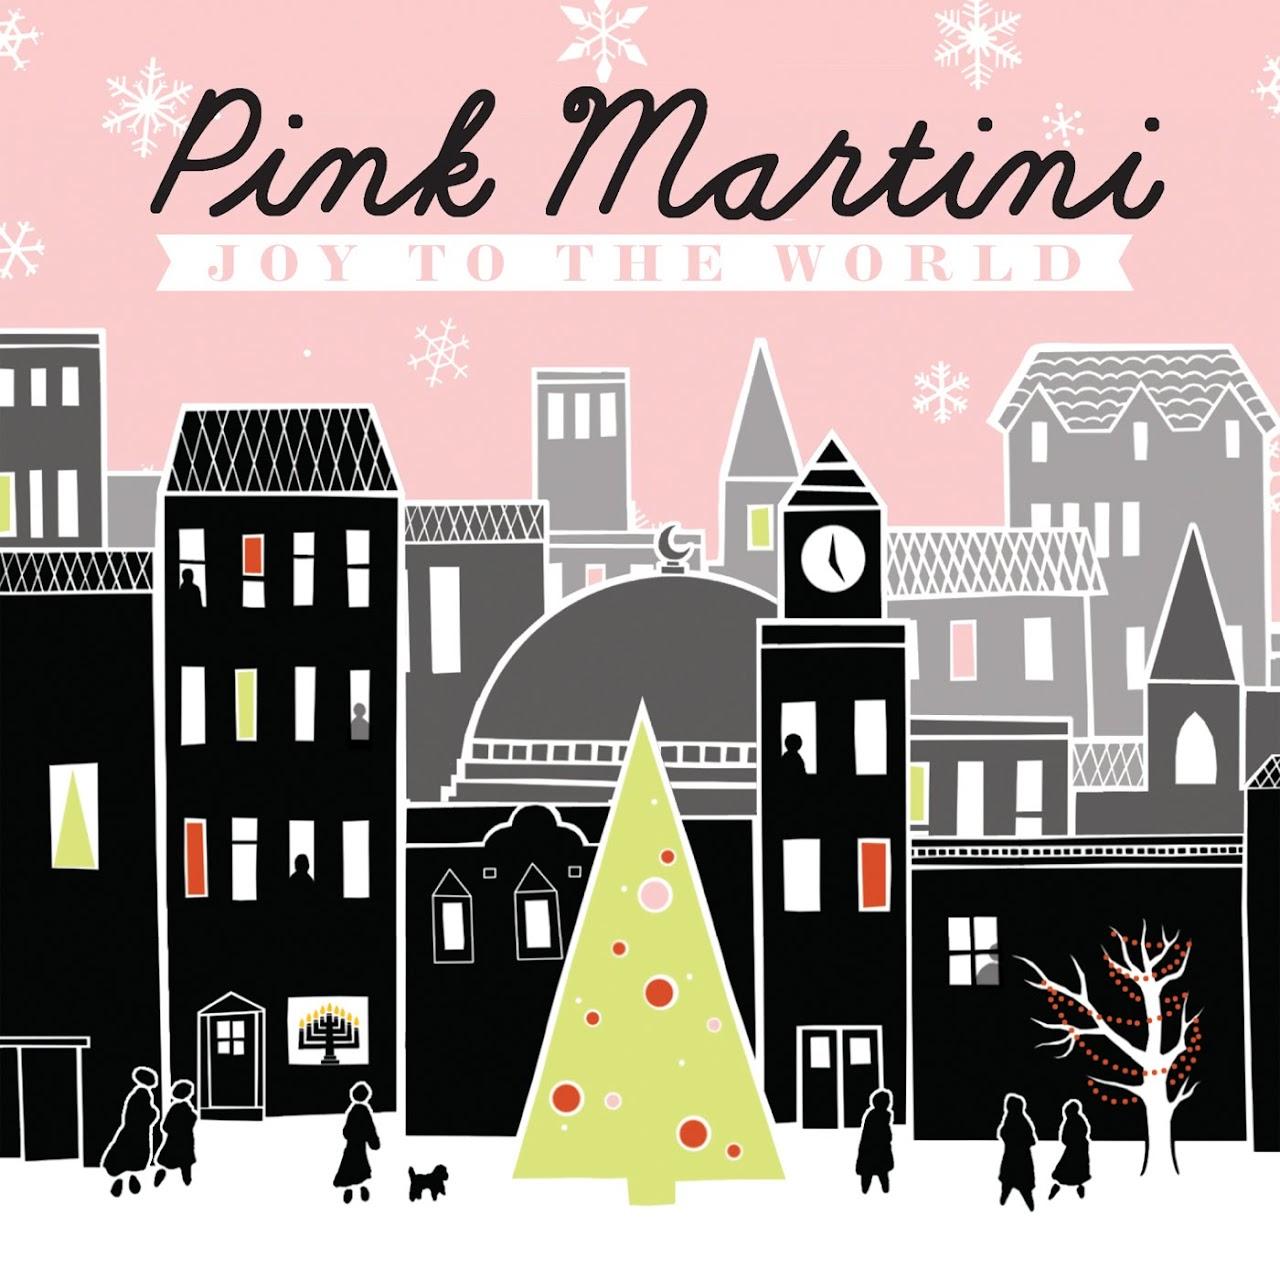 http://2.bp.blogspot.com/_n-hm9gvEHbk/TQhsLpn9MsI/AAAAAAAAJws/XHkKq53-MEI/s1600/pink_martini.jpg